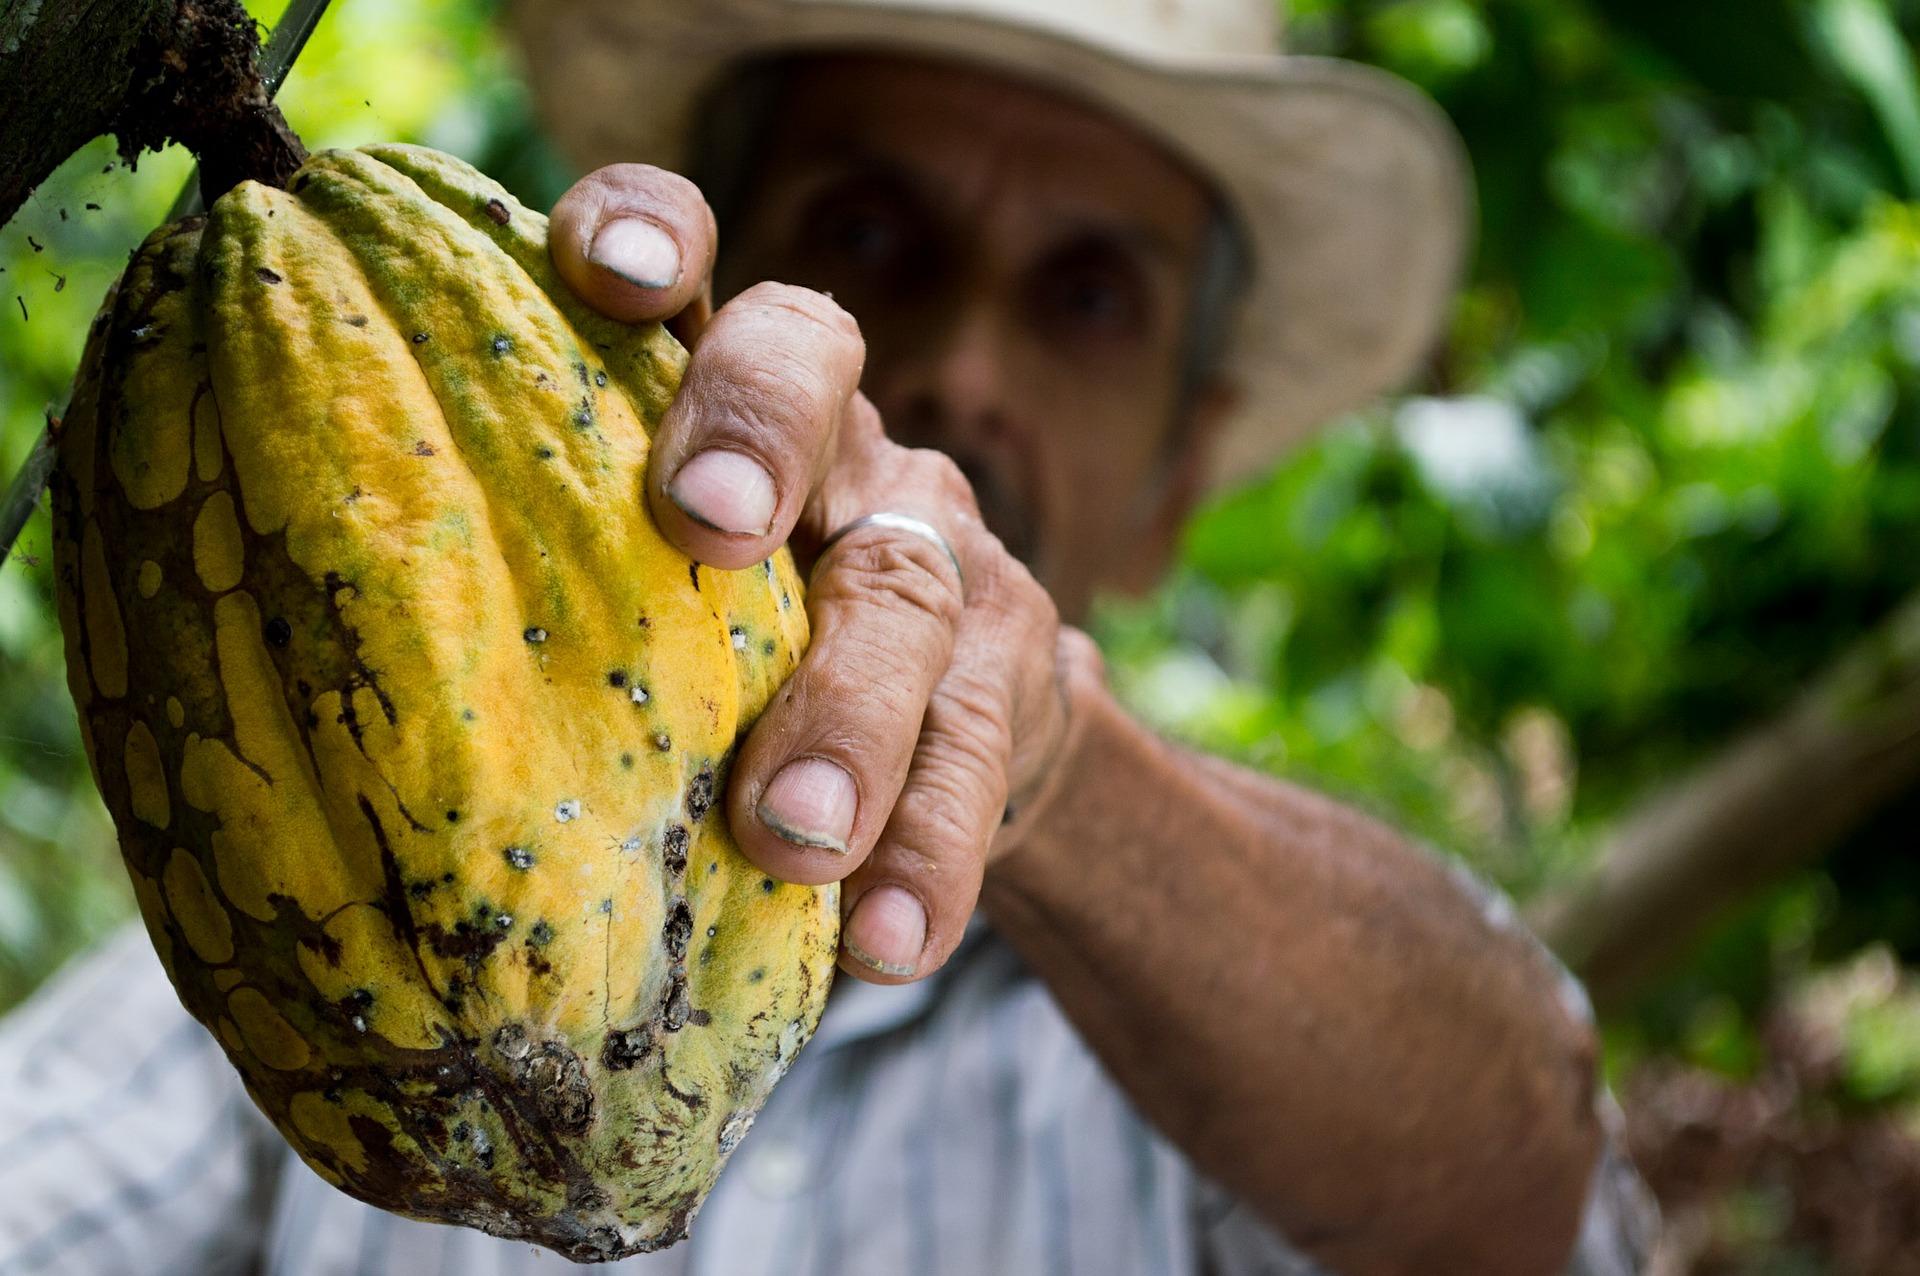 Már 3600 éve termeszthetjük a csokoládé alapanyagát